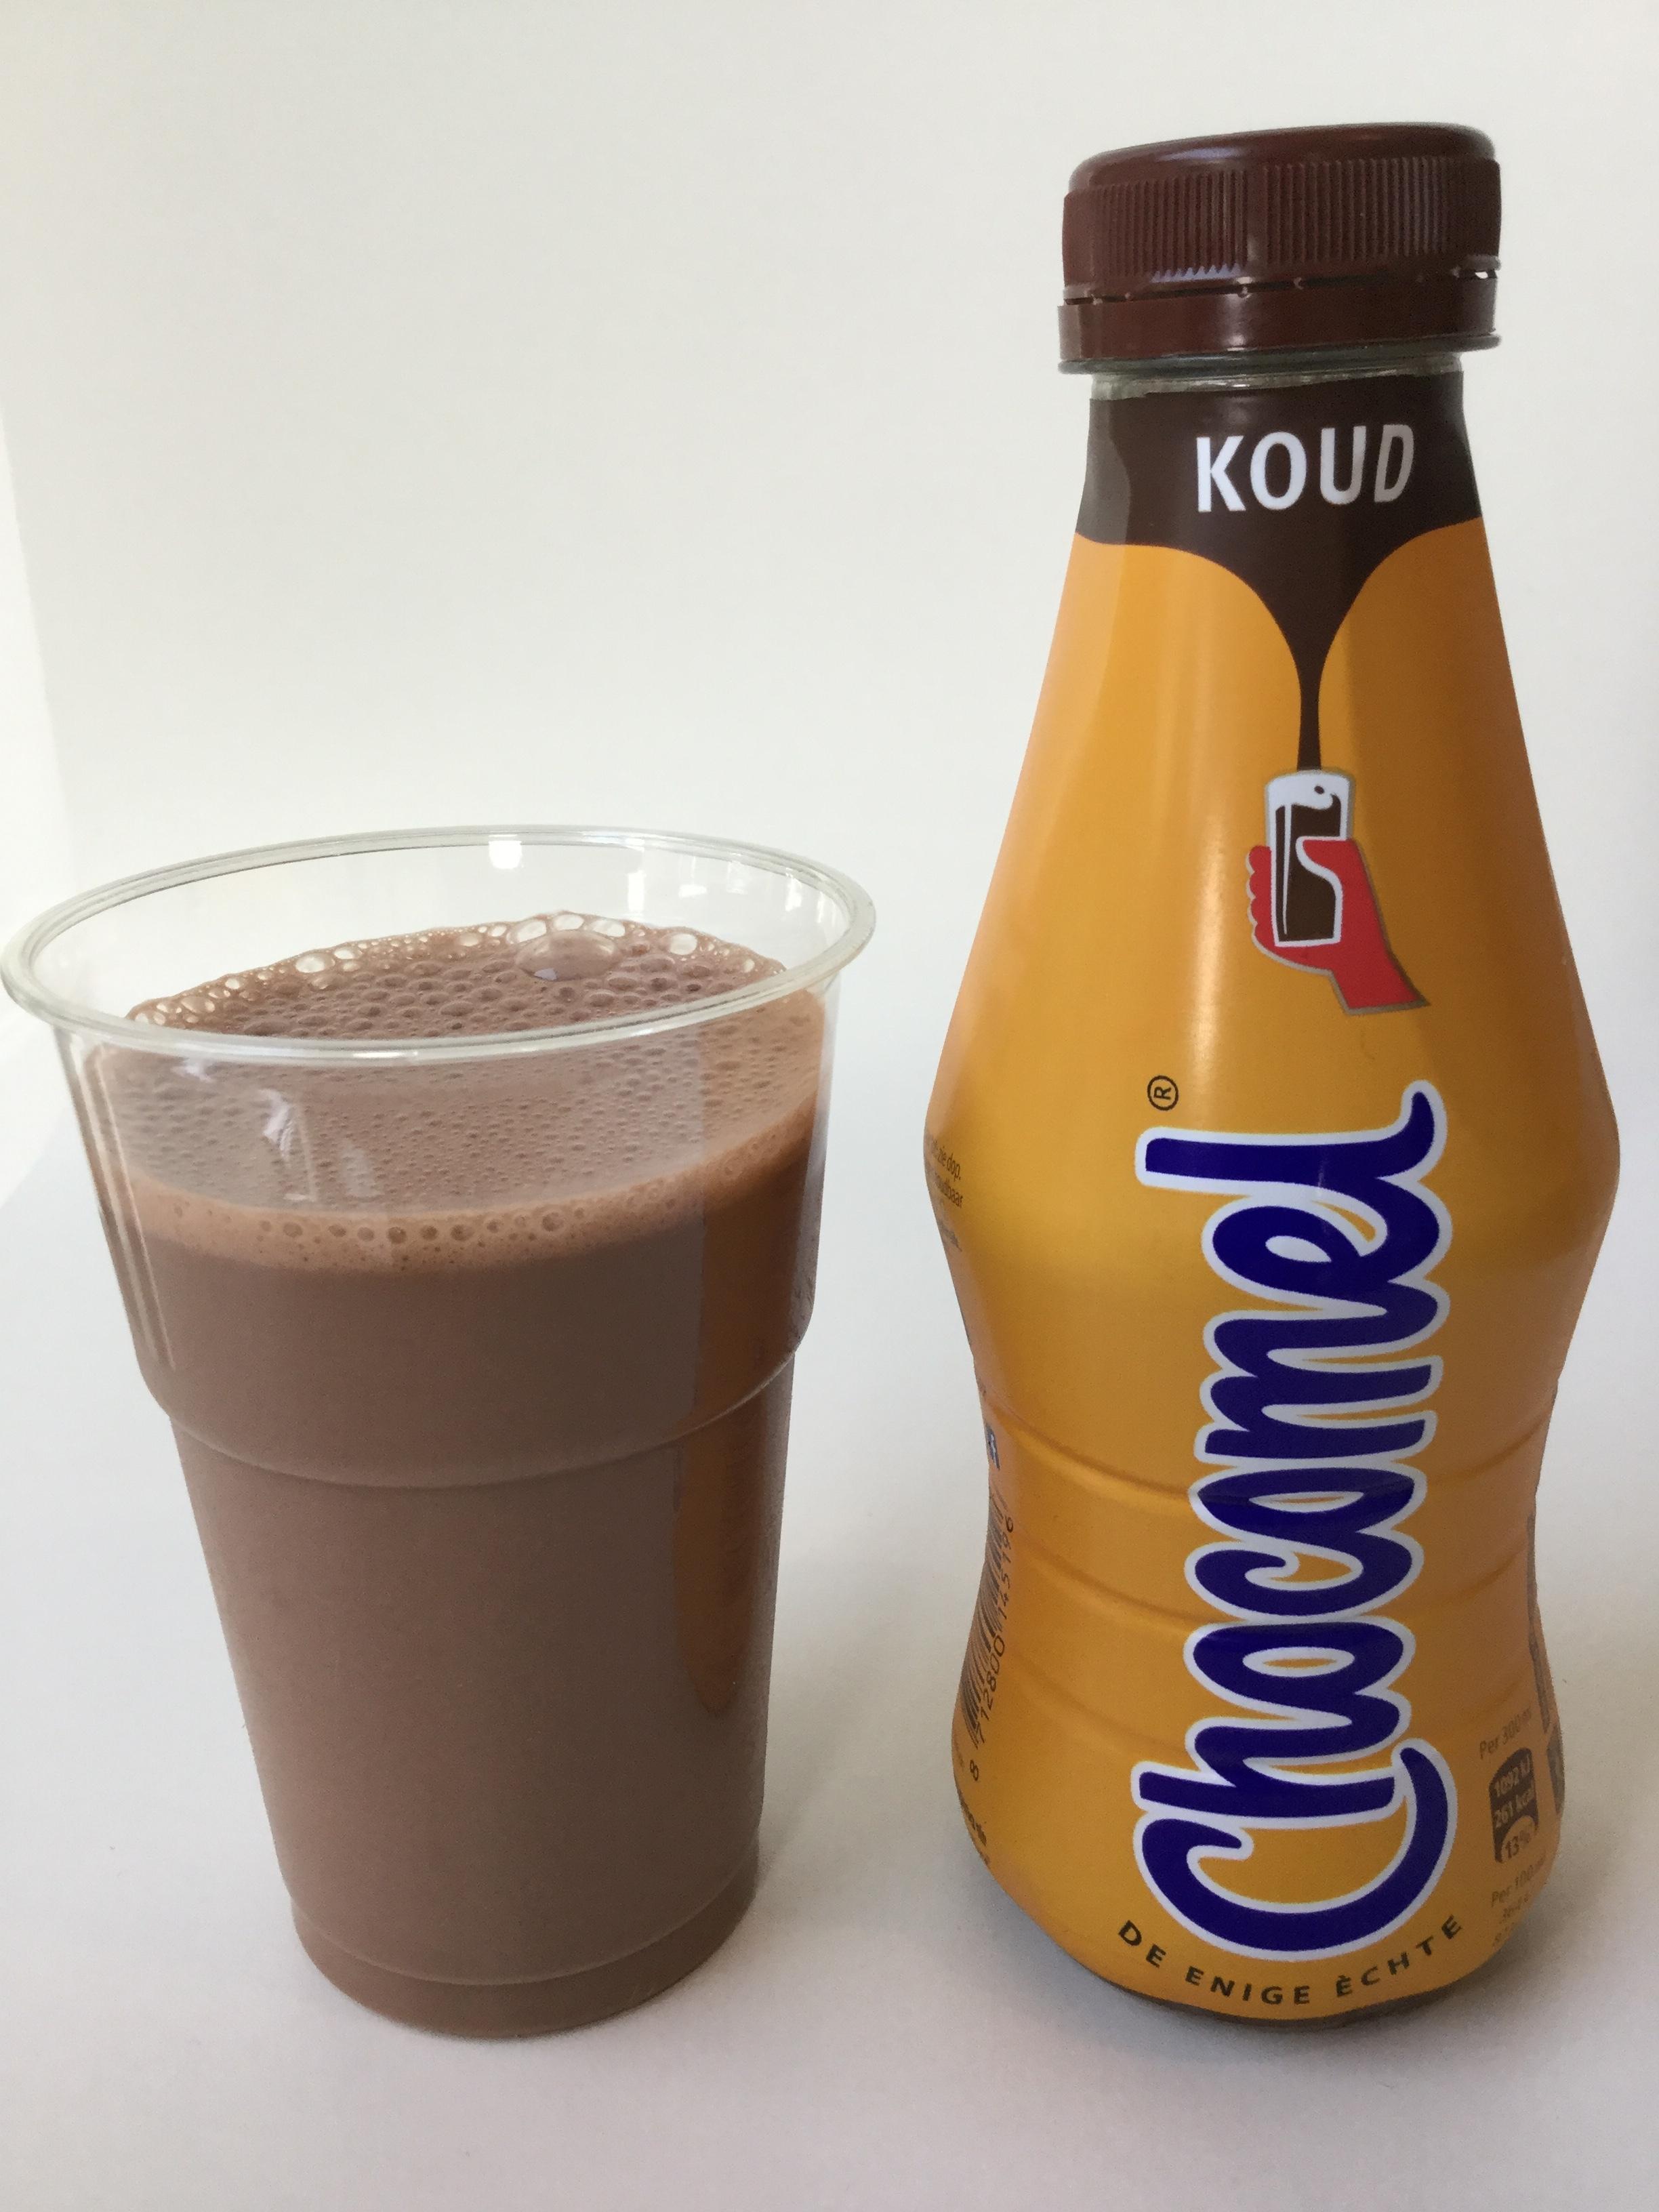 Chocomel Koud Cup